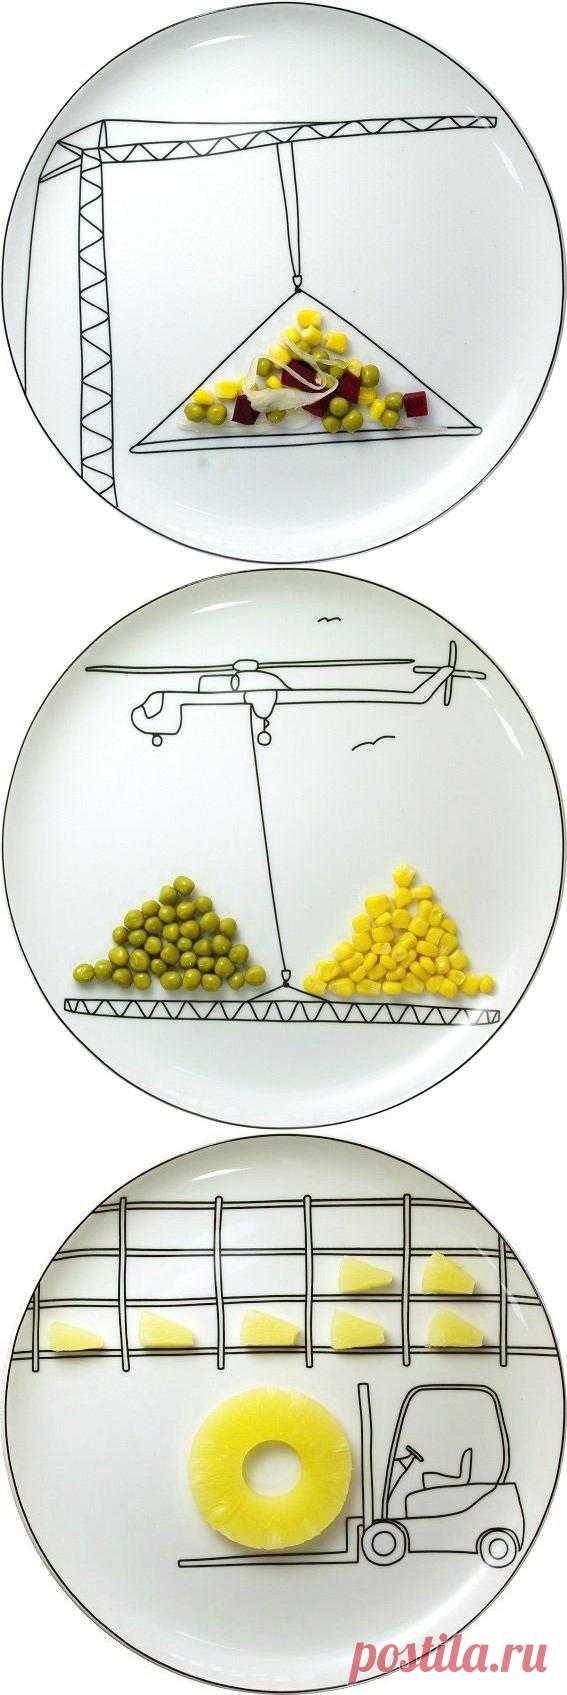 Разукрасить такую тарелку несложно и самому - нужно всего лишь найти белый сервиз и специальную черную краску. А есть из такого шедевра - одно удовольствие, даже самые нелюбимые, но такие полезные овощи.